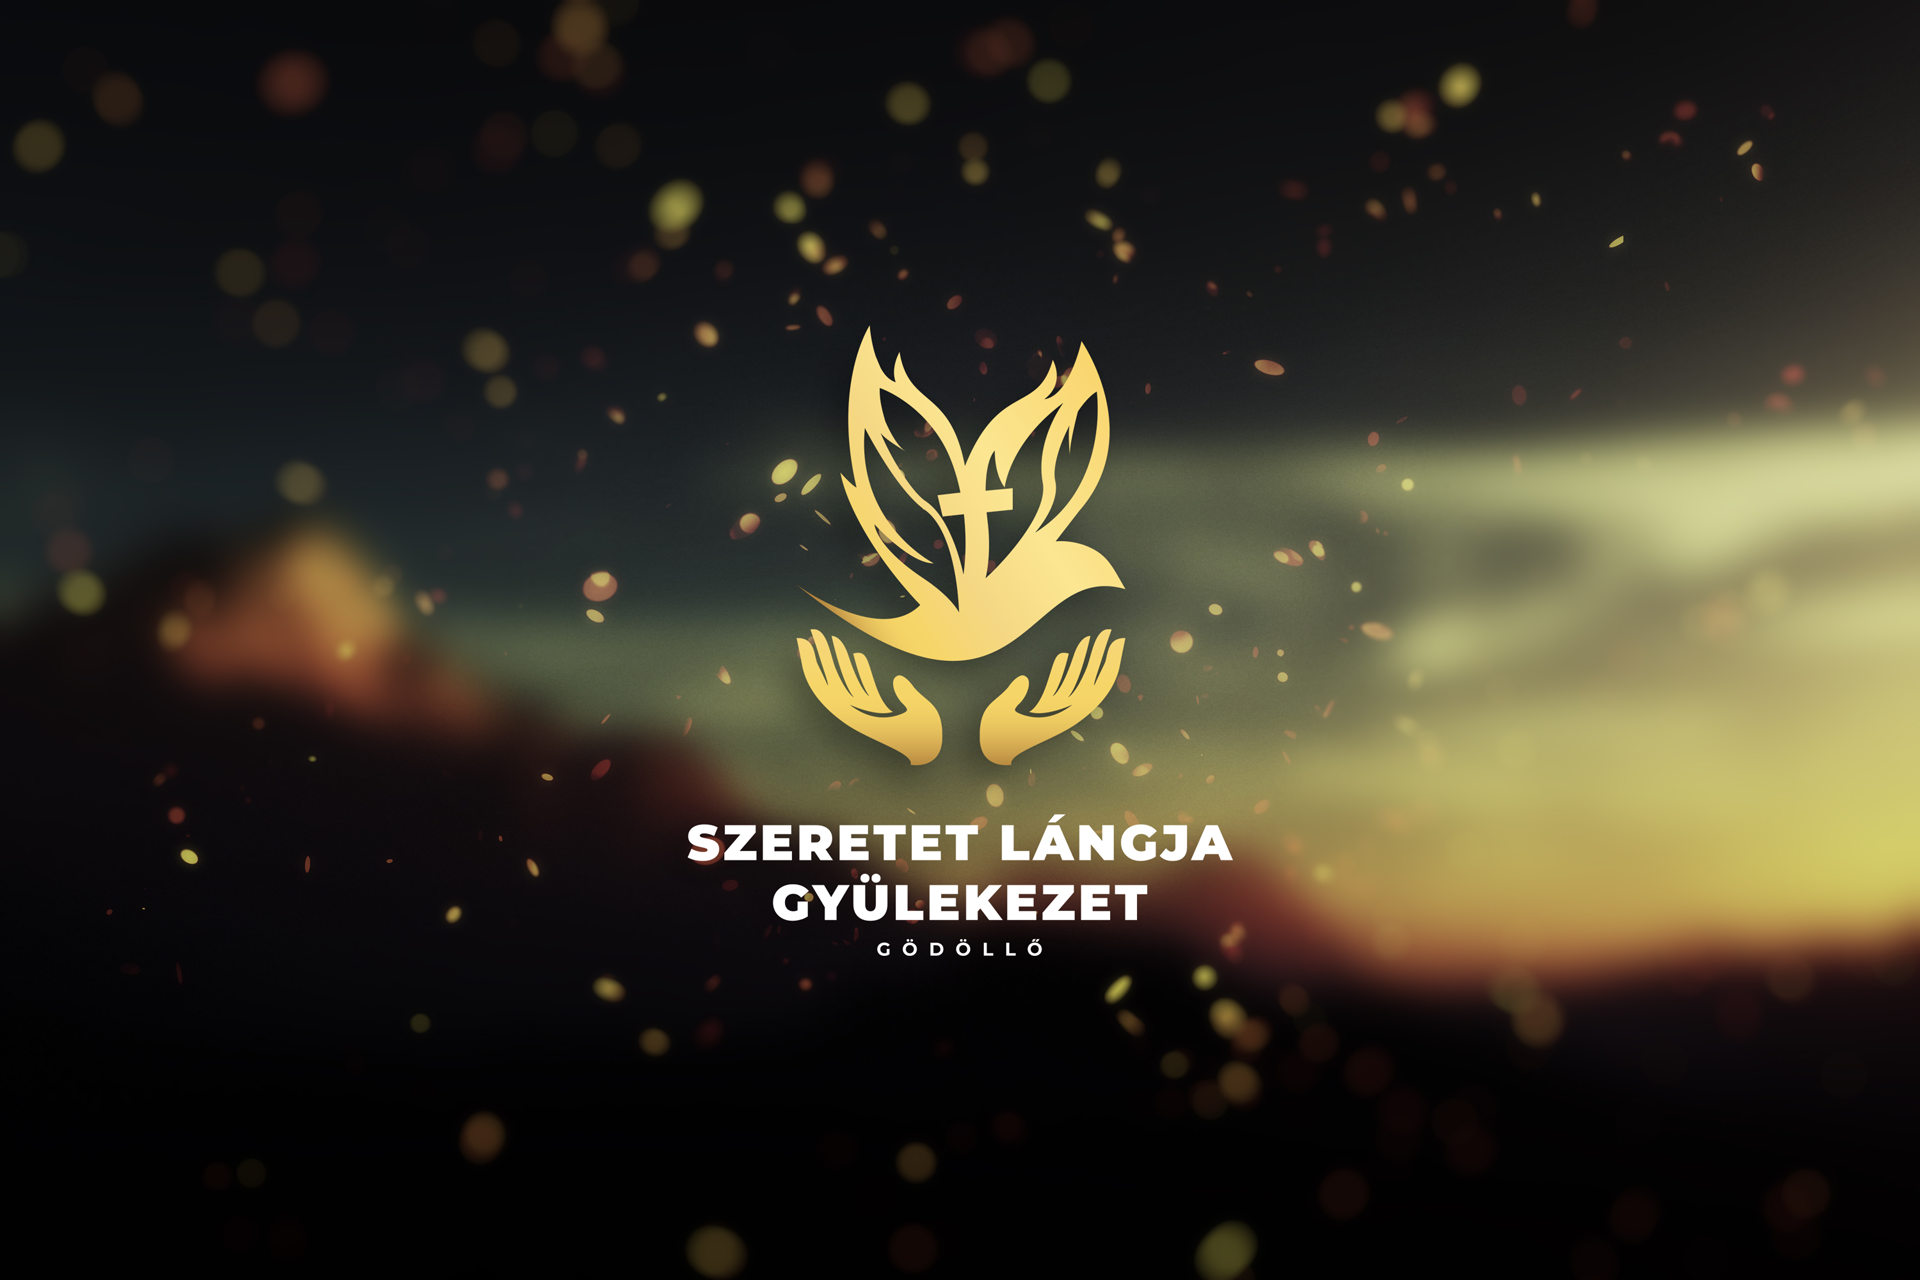 legjobb román társkereső oldal